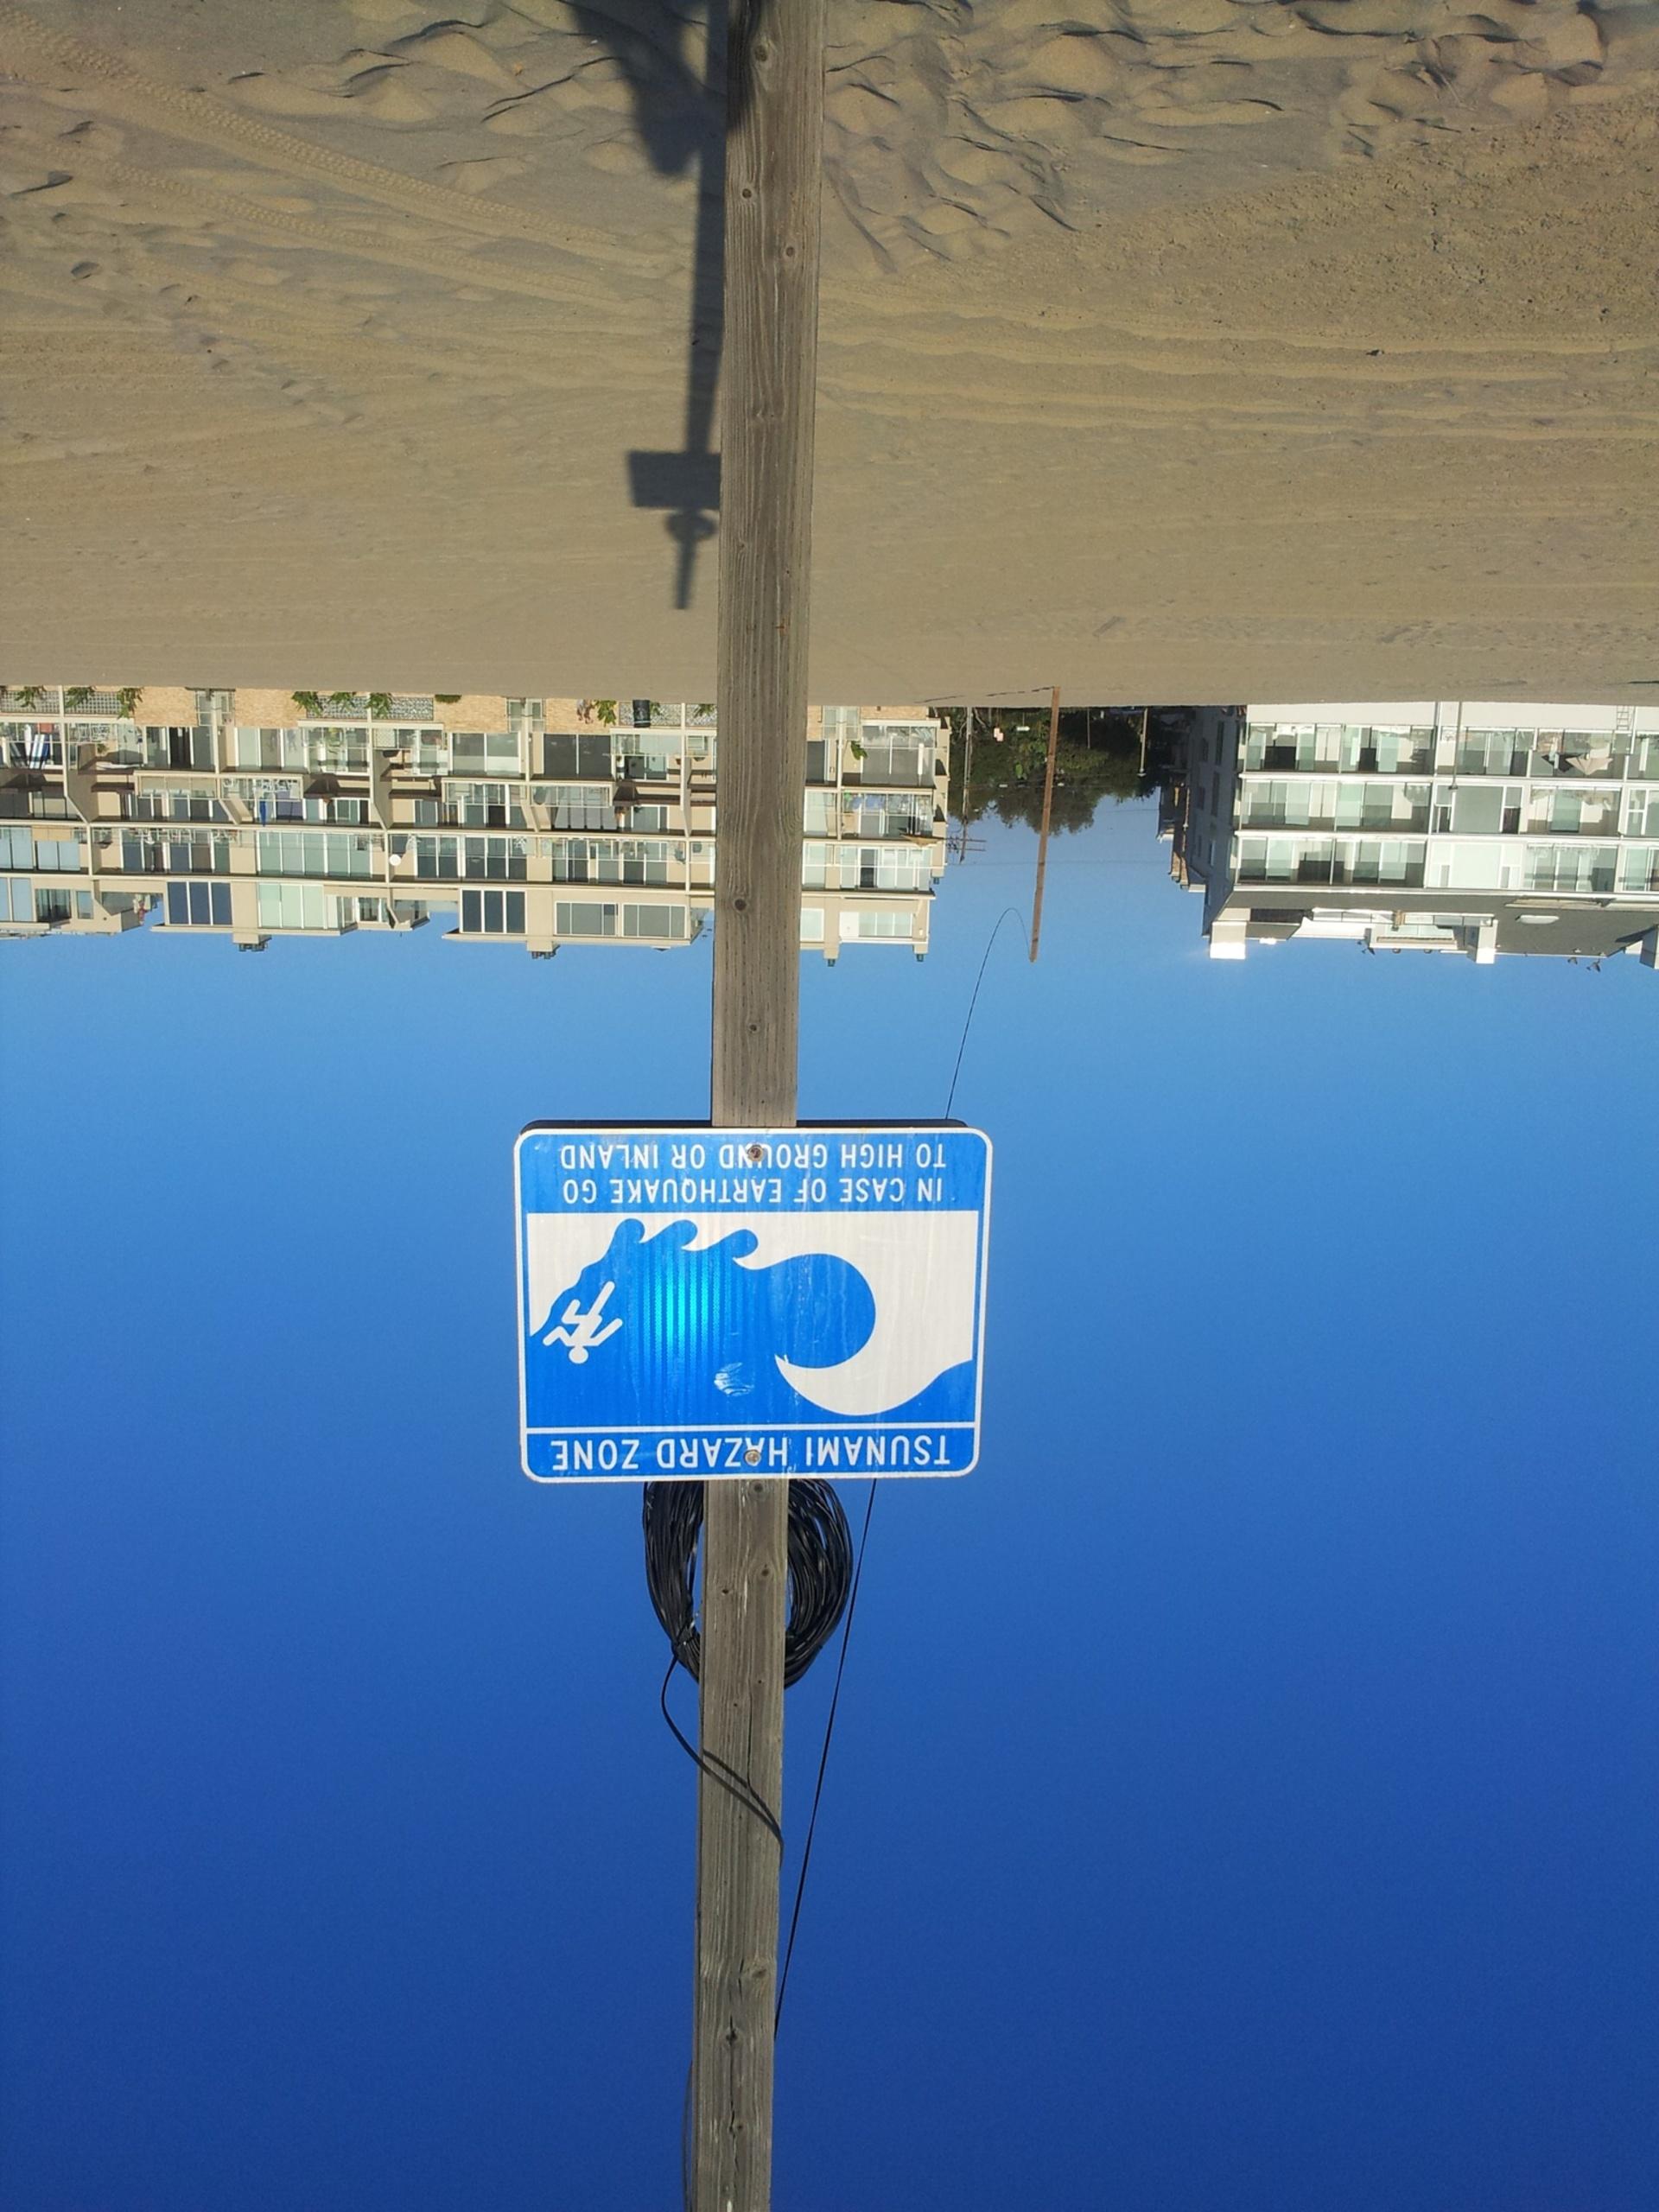 Tsunami hazard sign at beach